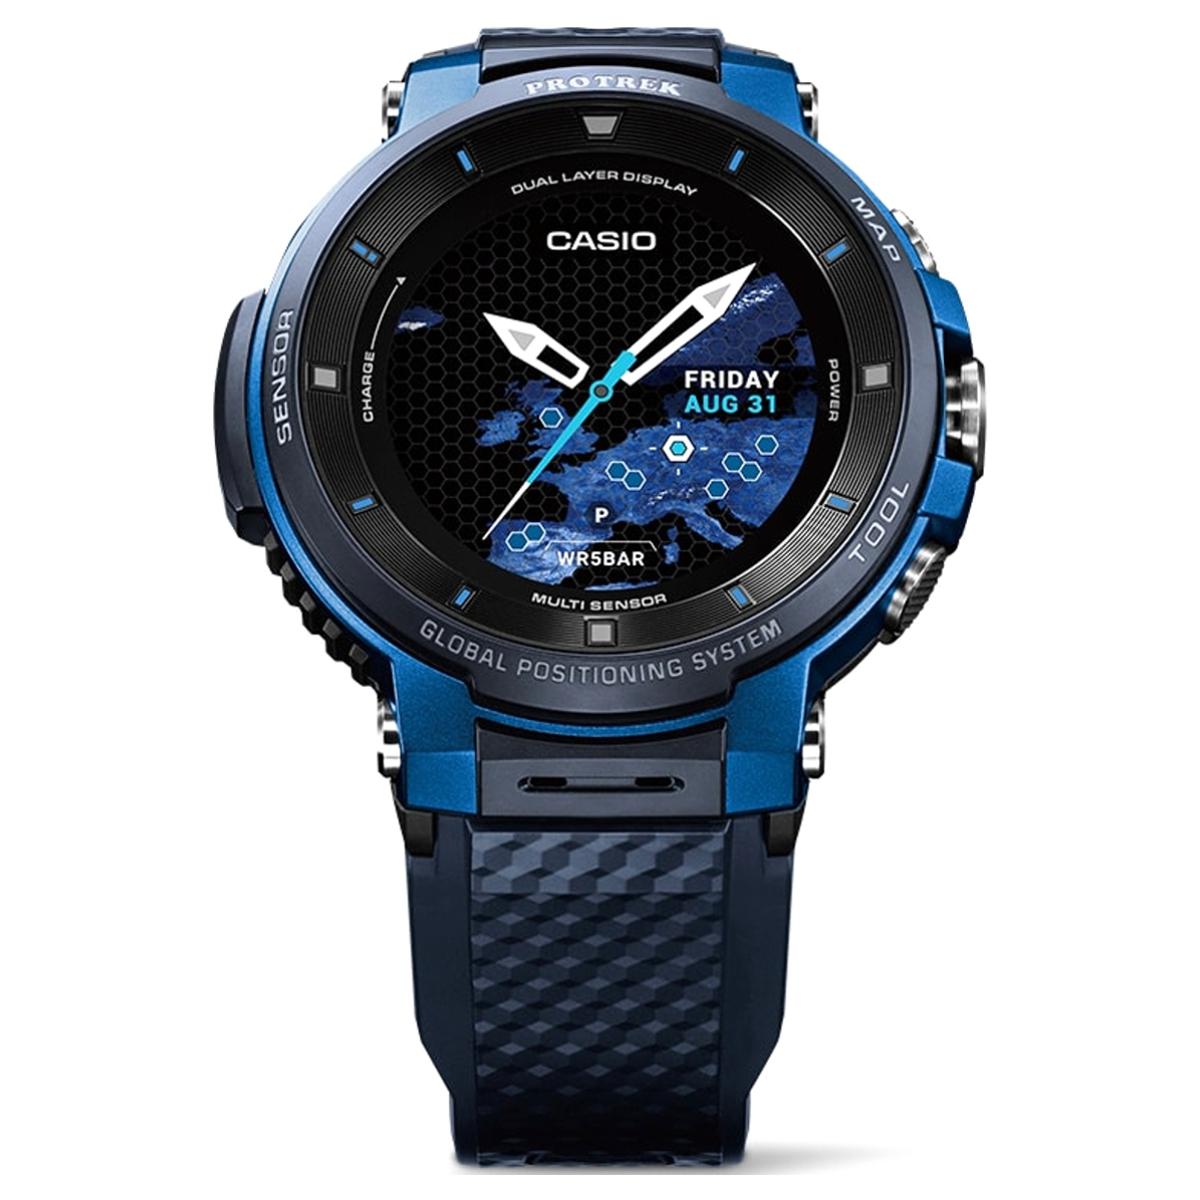 カシオ 腕時計 スマートウォッチ PRO TREK Smart WSD-F30-BU ブルー(東日本店)【同梱不可】